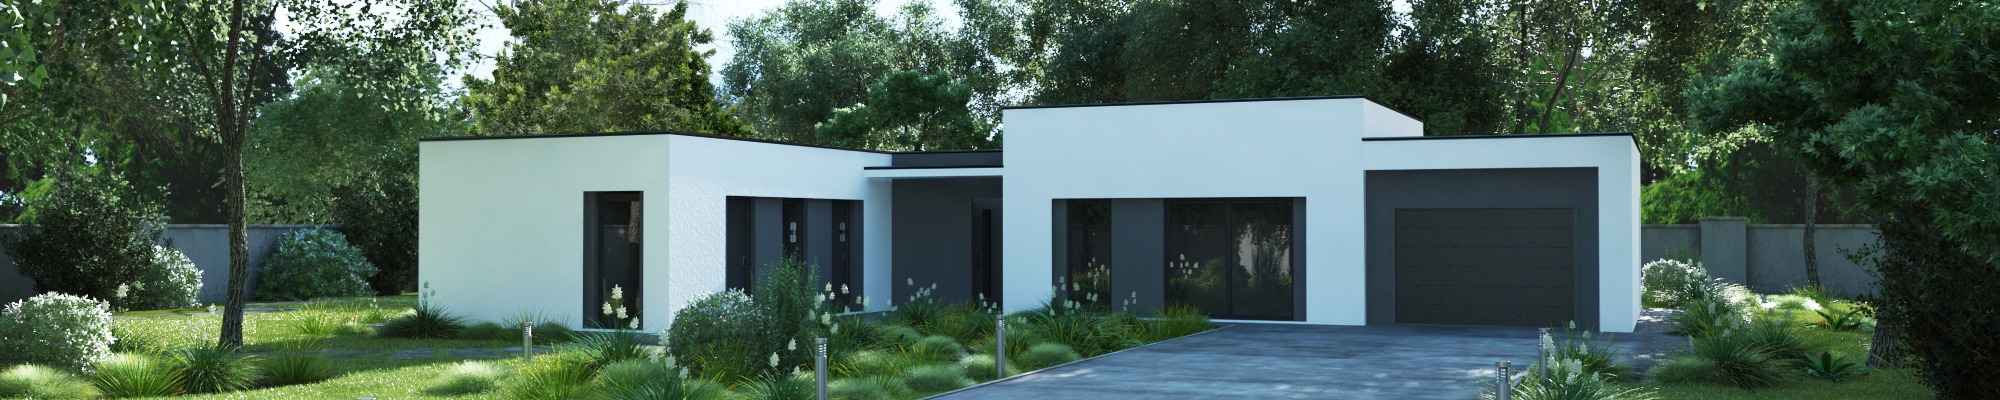 Pavillons parot constructeur de maison leader 51 52 for Constructeur maison lorraine